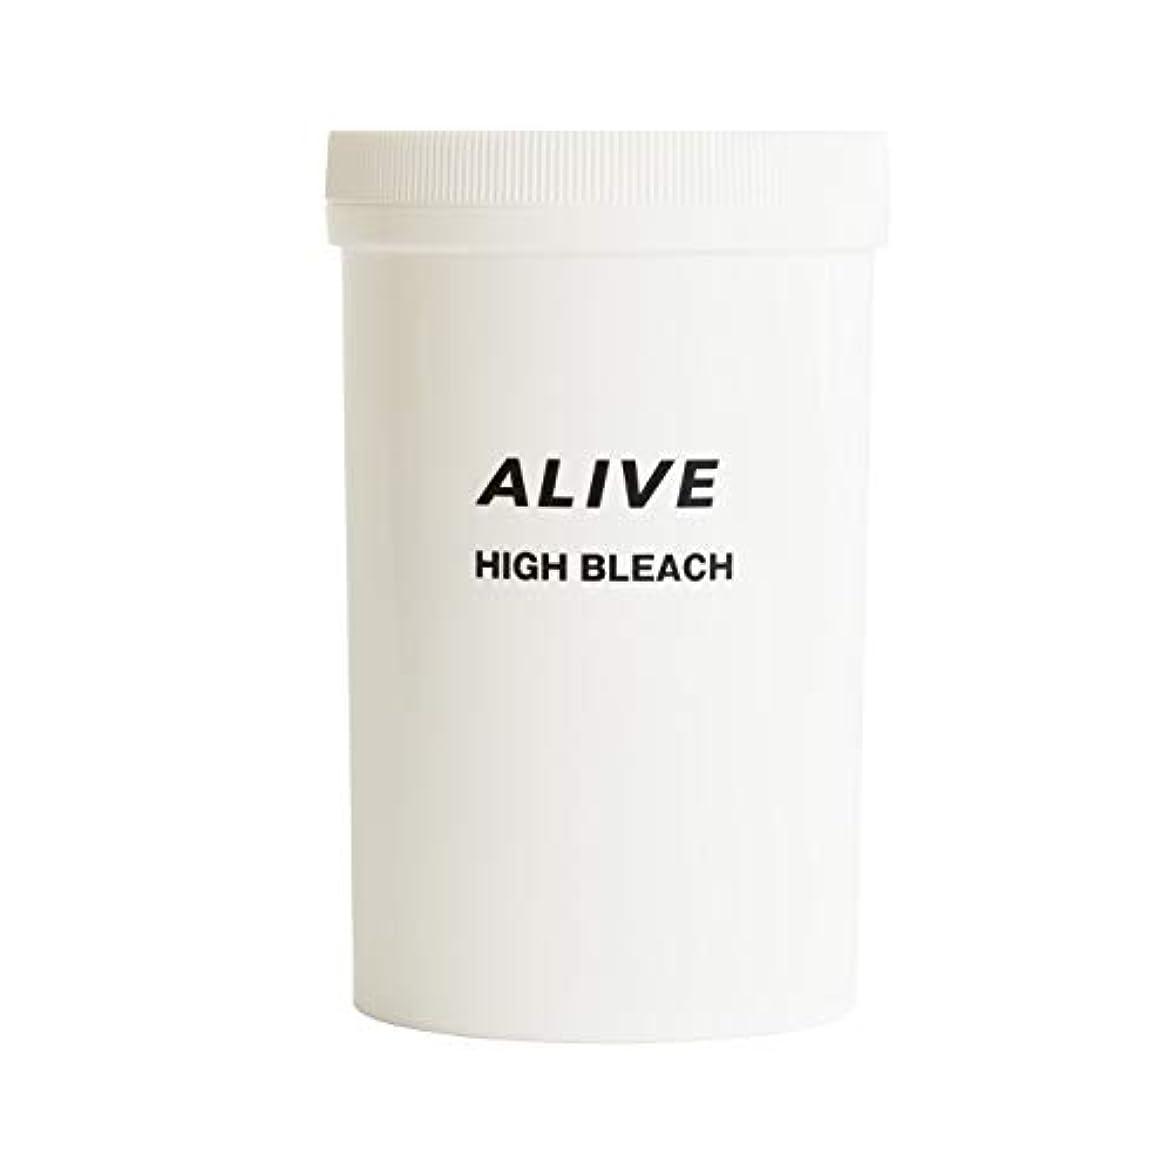 ステープル仮説汚染されたALIVE HIGHT BLEACH アライブ ハイブリーチ